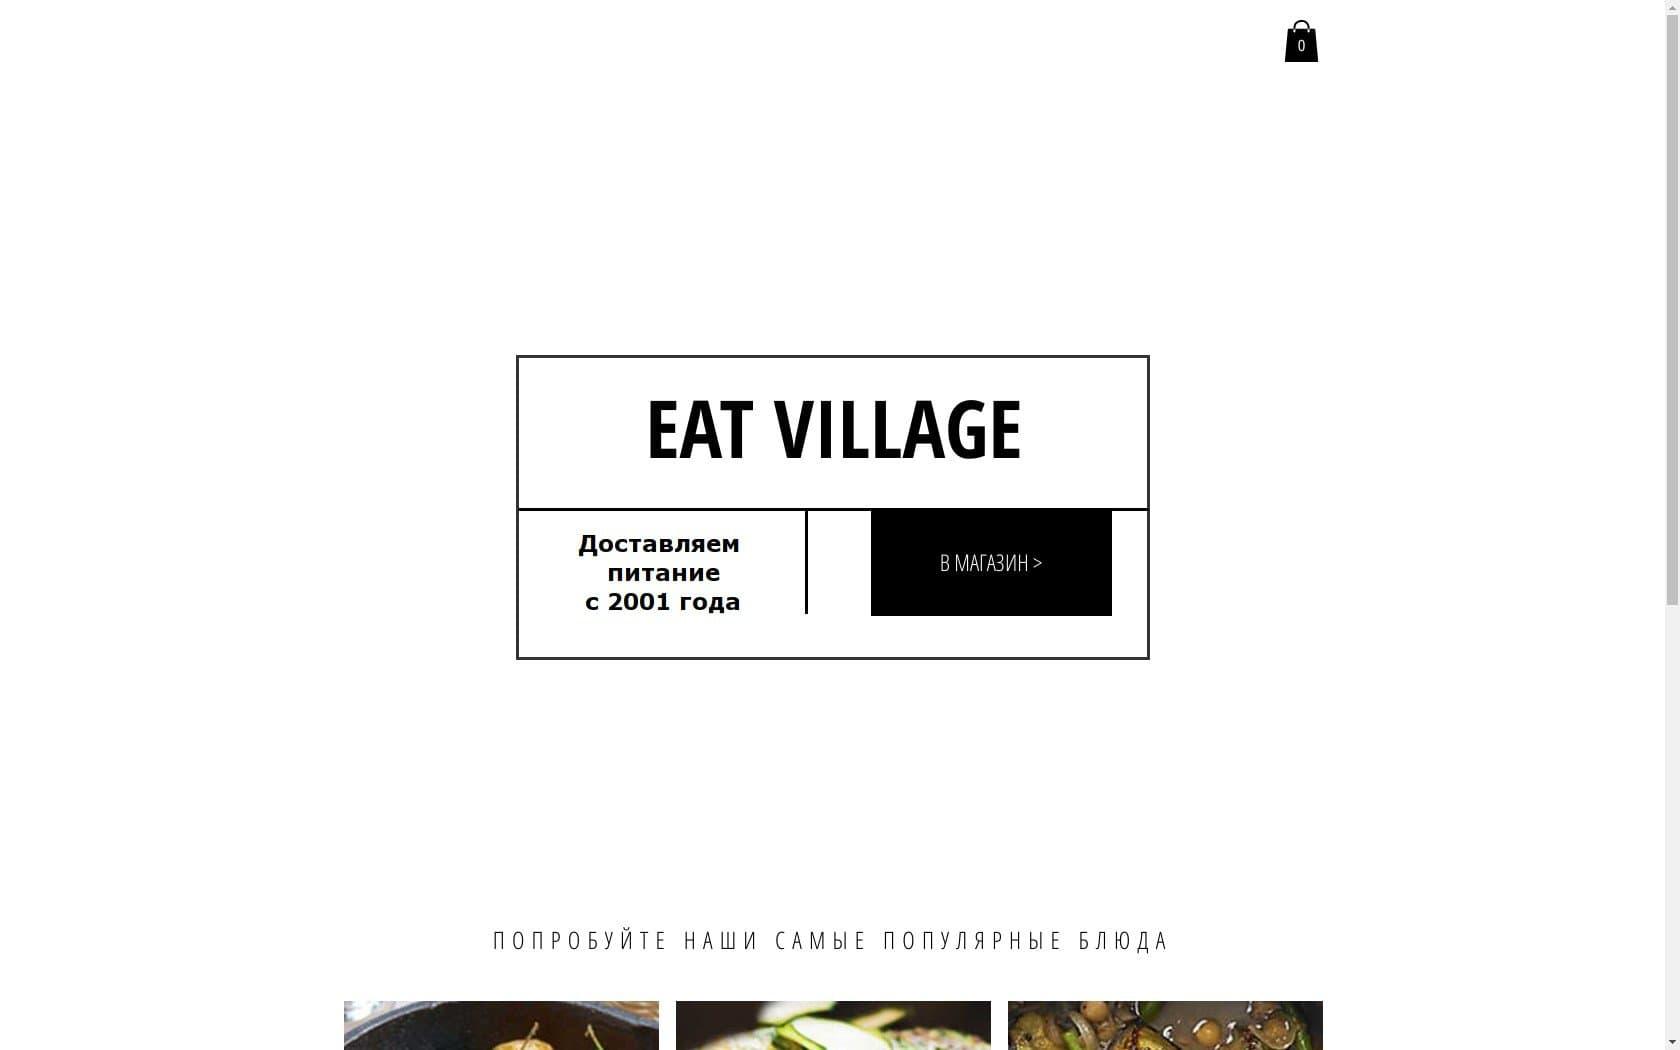 EatVillage